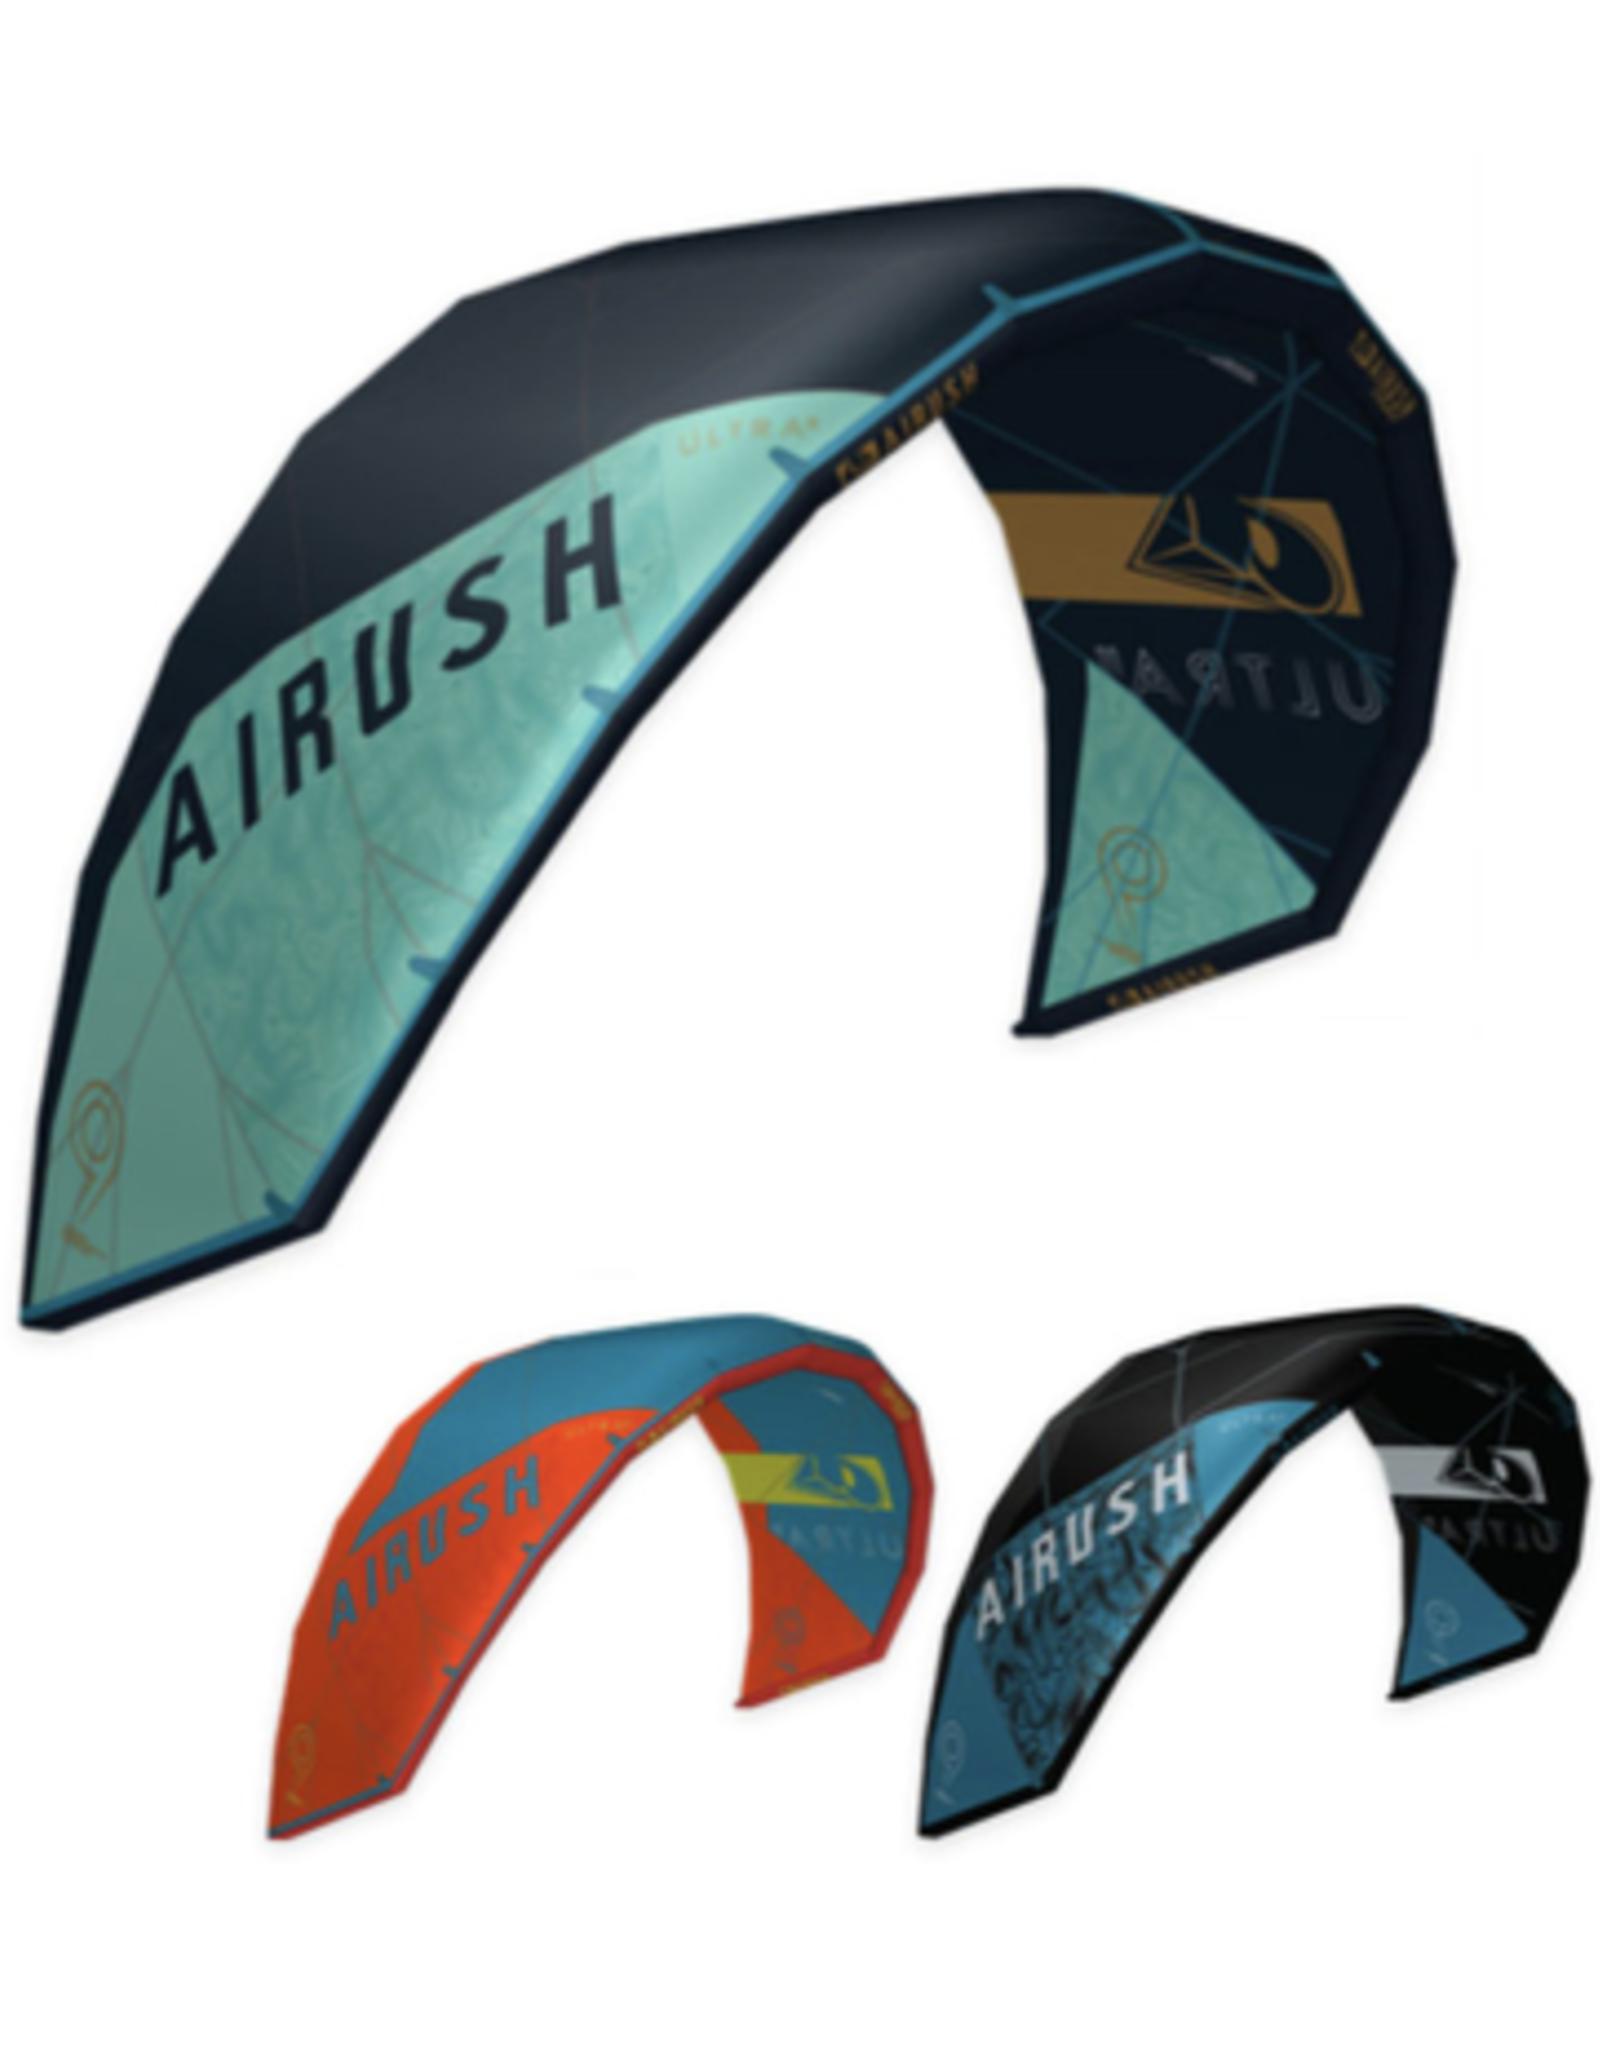 Airush Airush Ultra 2